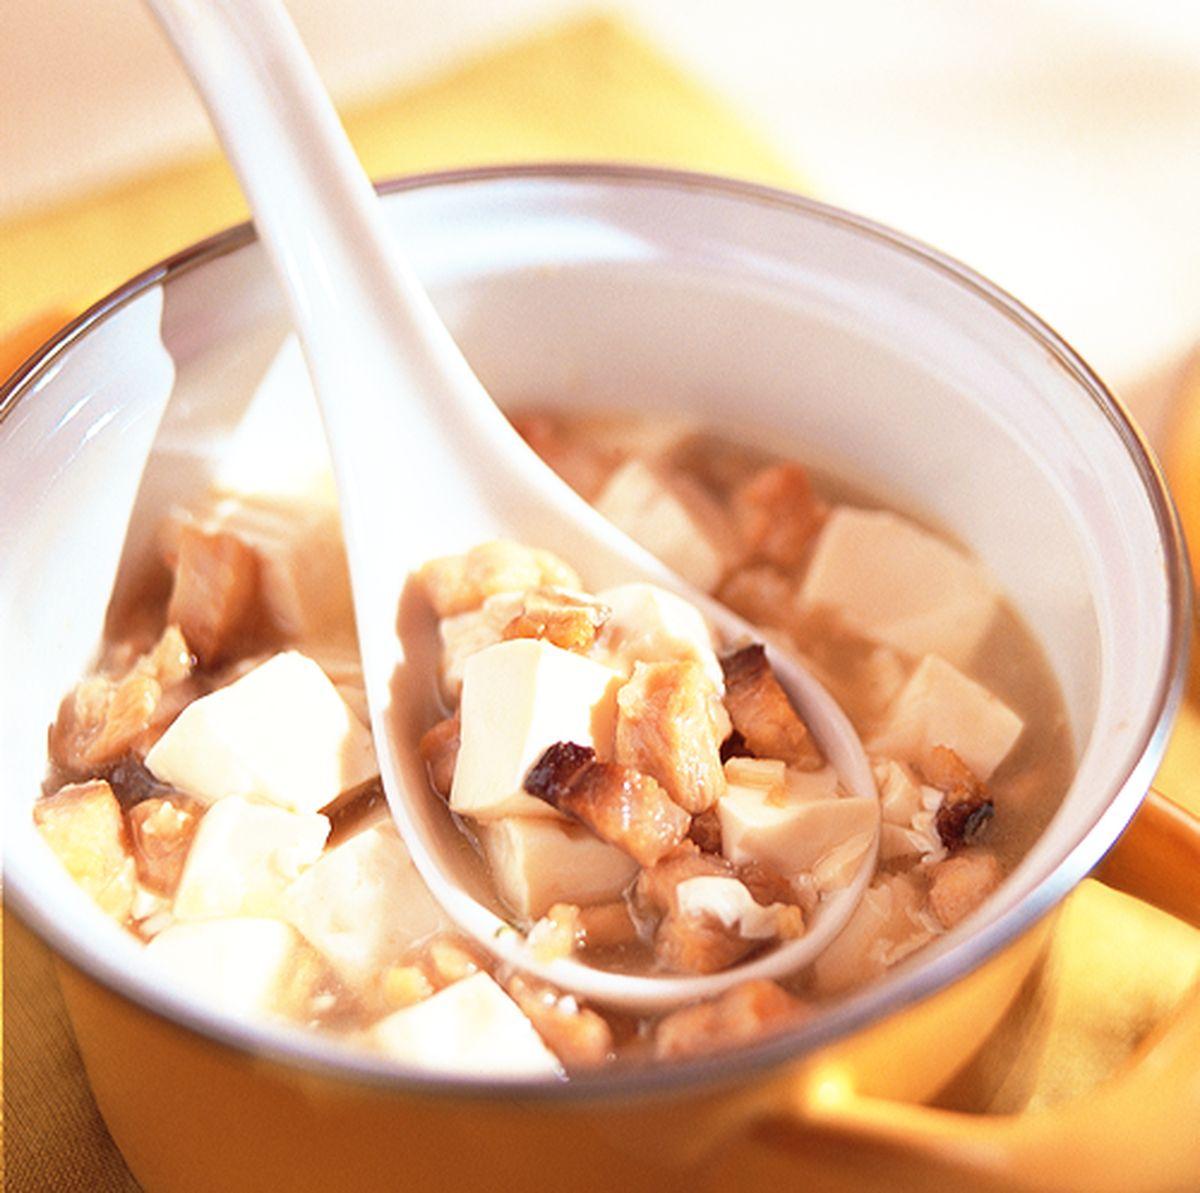 食譜:鹹魚雞粒豆腐煲